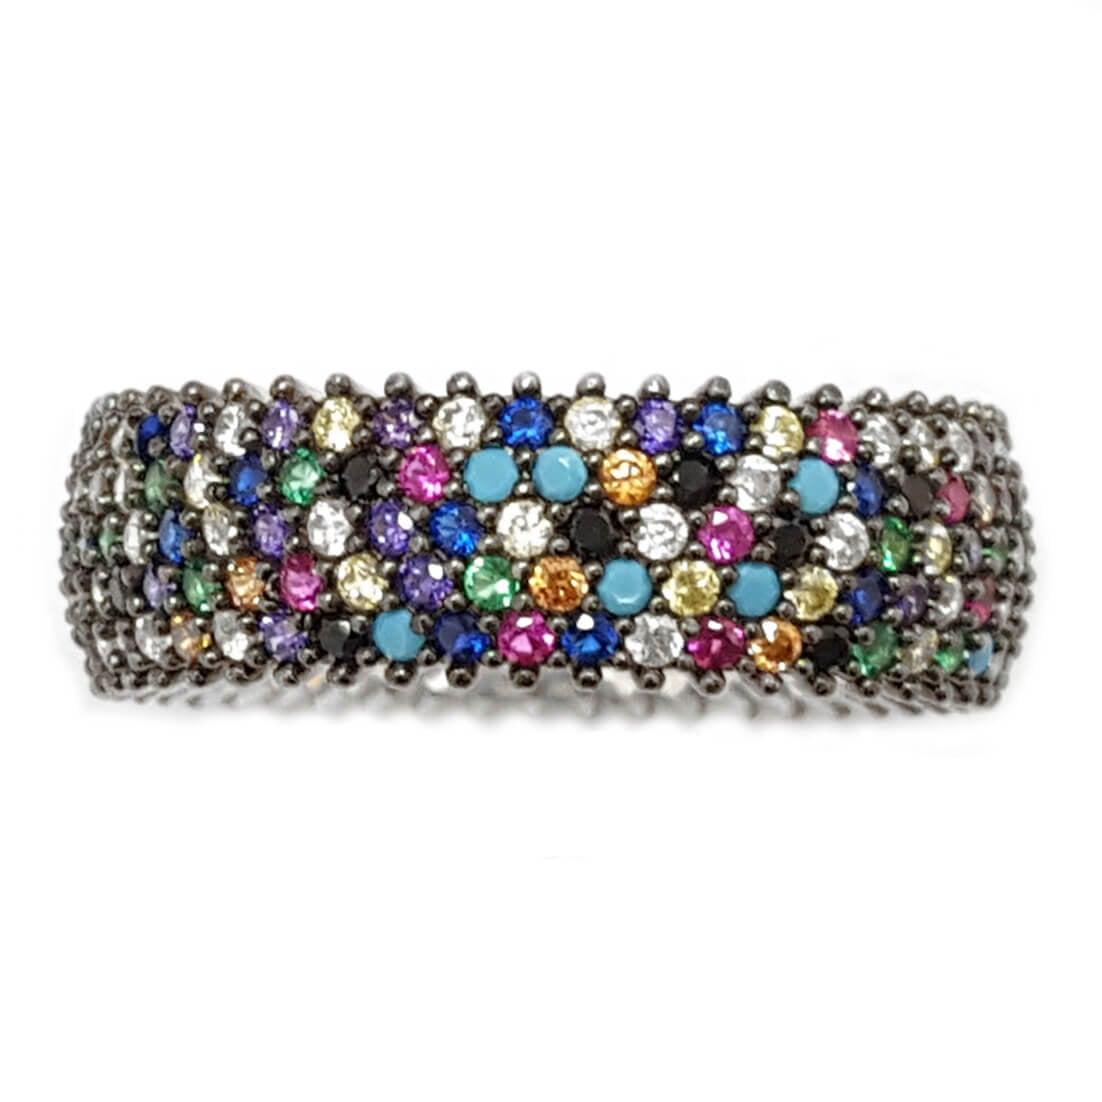 טבעת כסף רחבה משובצת 5 שורות אבני זרקון צבעונית RG5640 | תכשיטי כסף | טבעות כסף